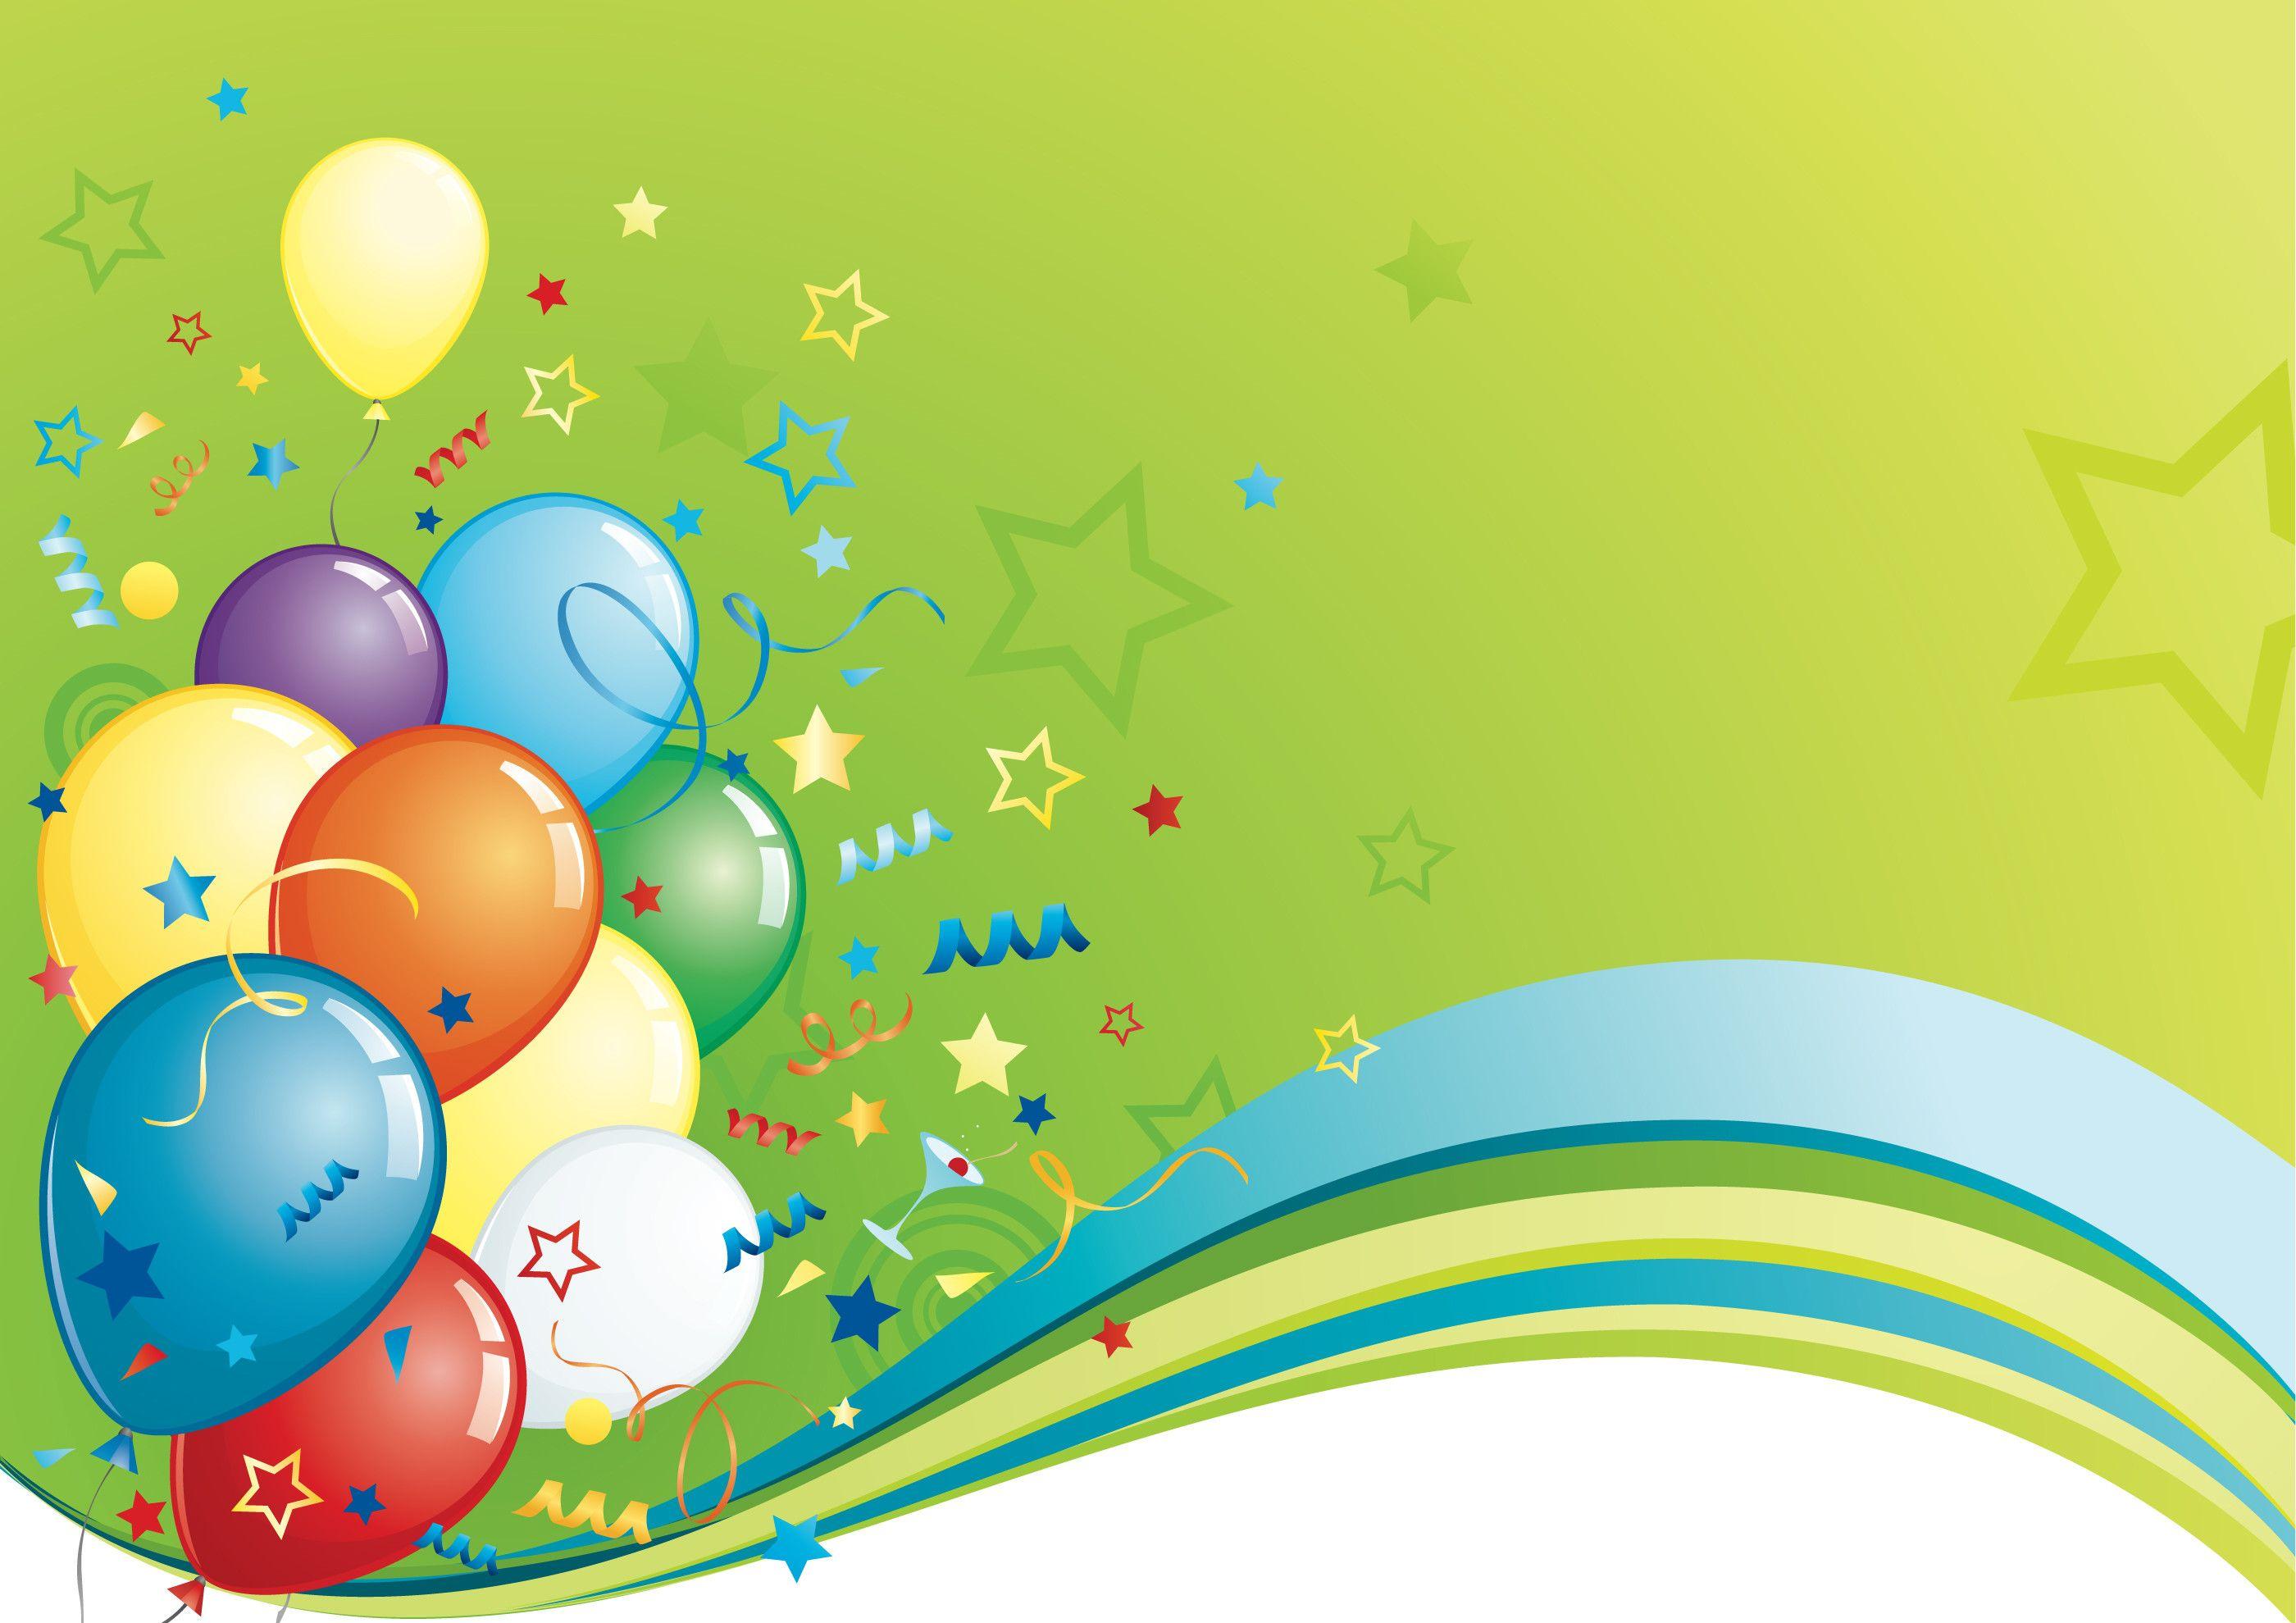 Принты, праздничная открытка темы